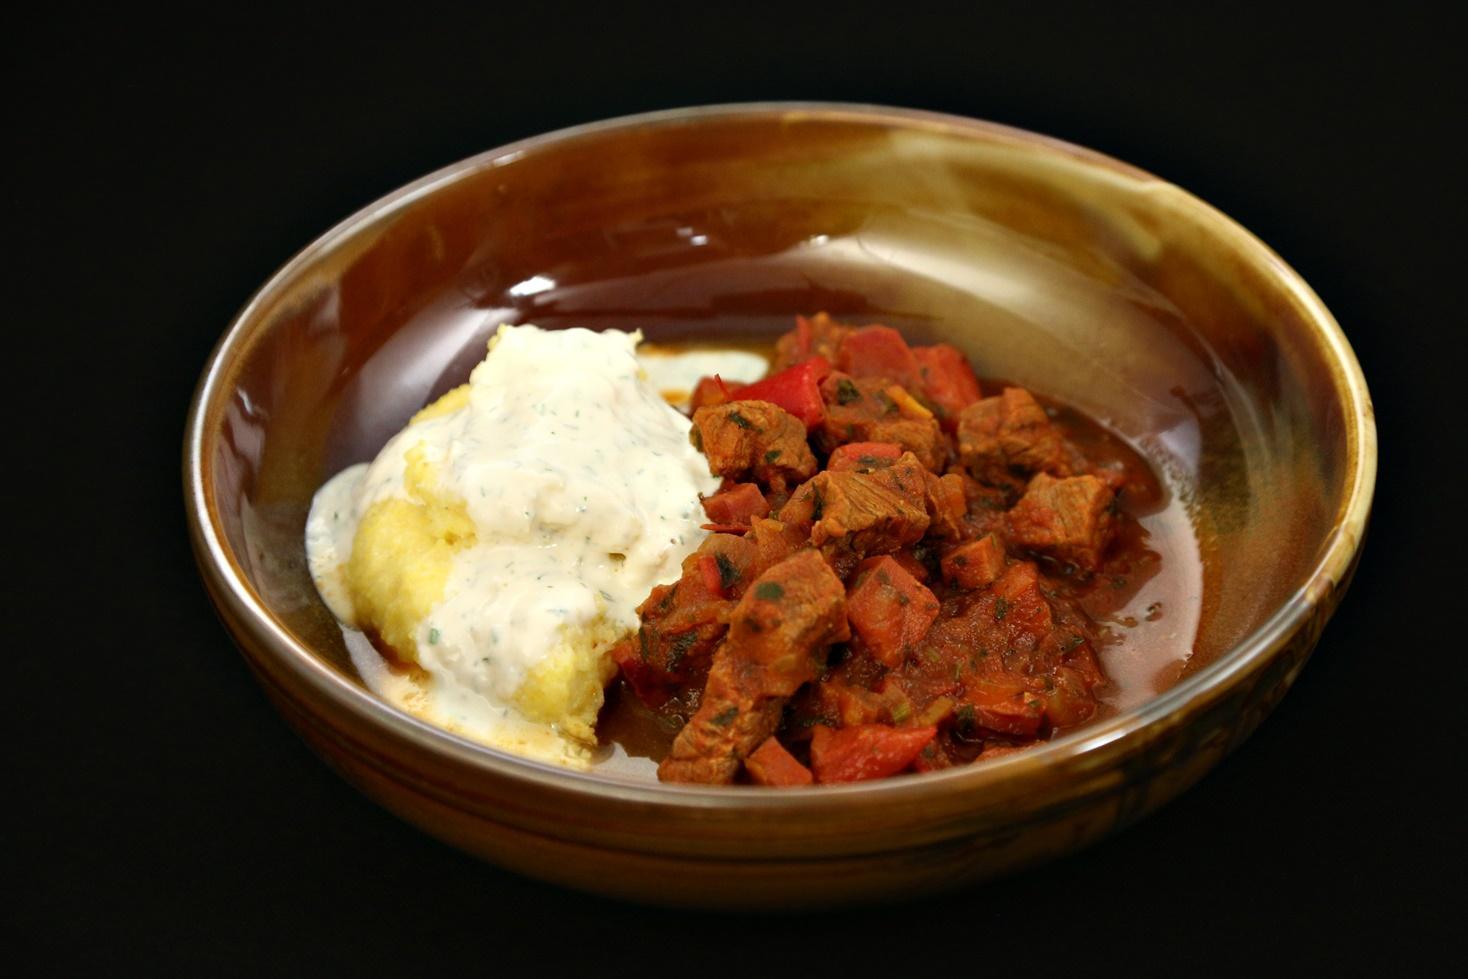 Rețetă de tocăniță cu influențe turcești și mămăliguță cu brânză și sos de smântână, gătită de Robert Vasiliu la Chefi la cuțite